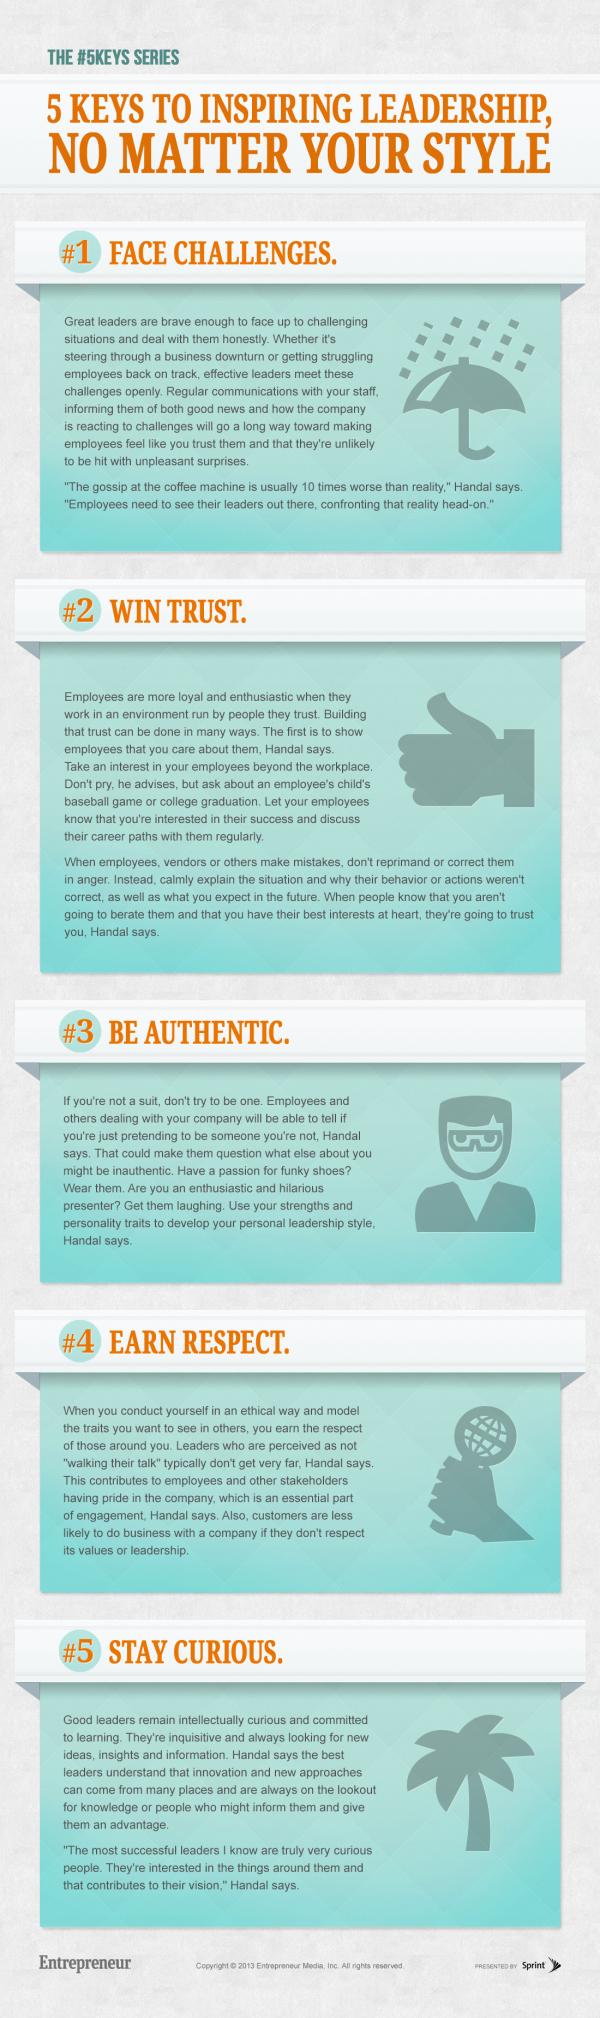 5 keys infographic inspiring leadership resized 600